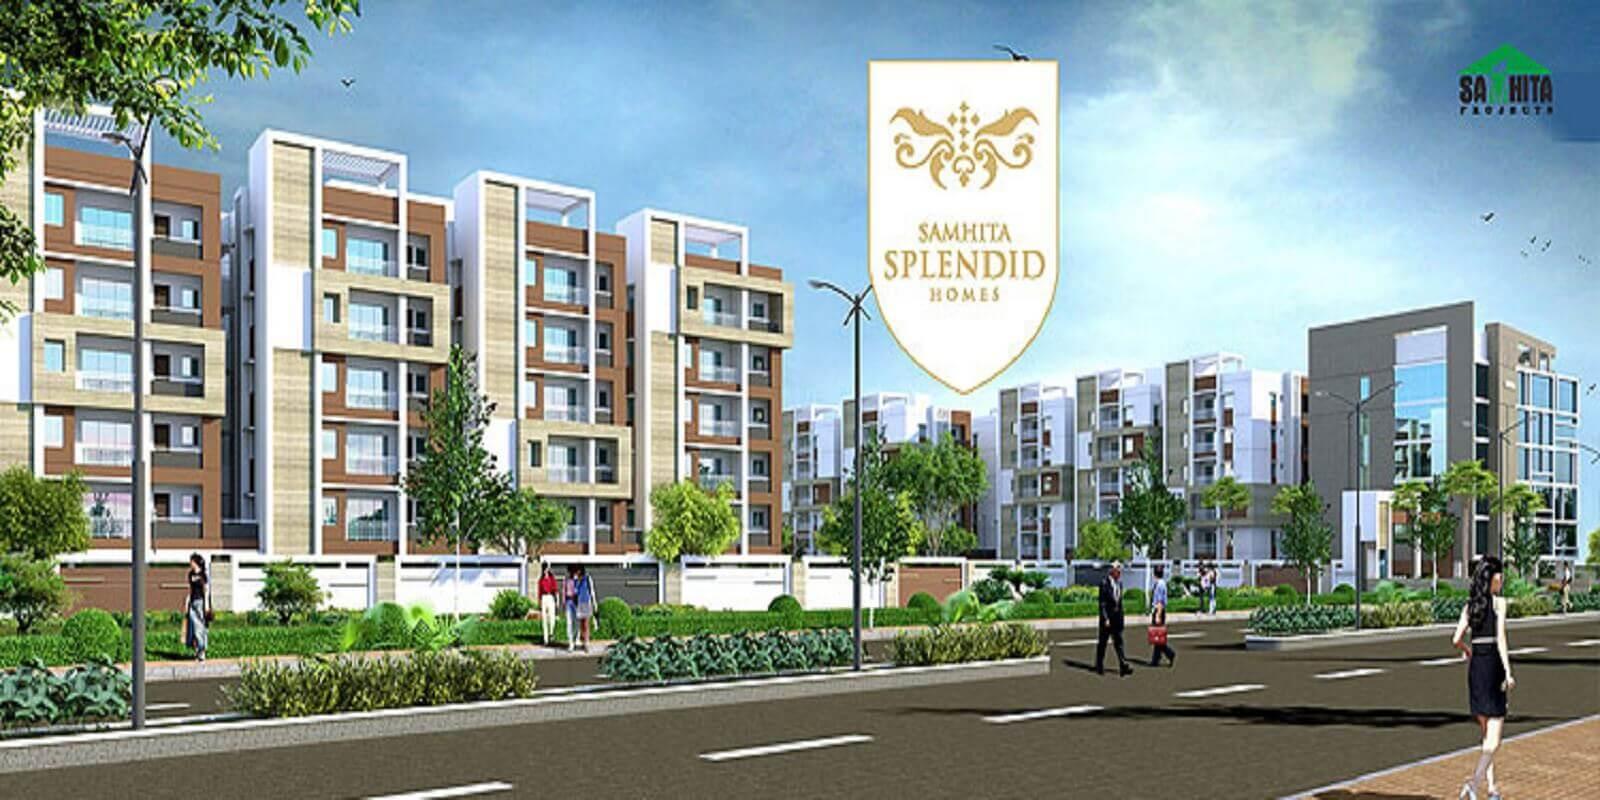 samhita splendid homes project large image1